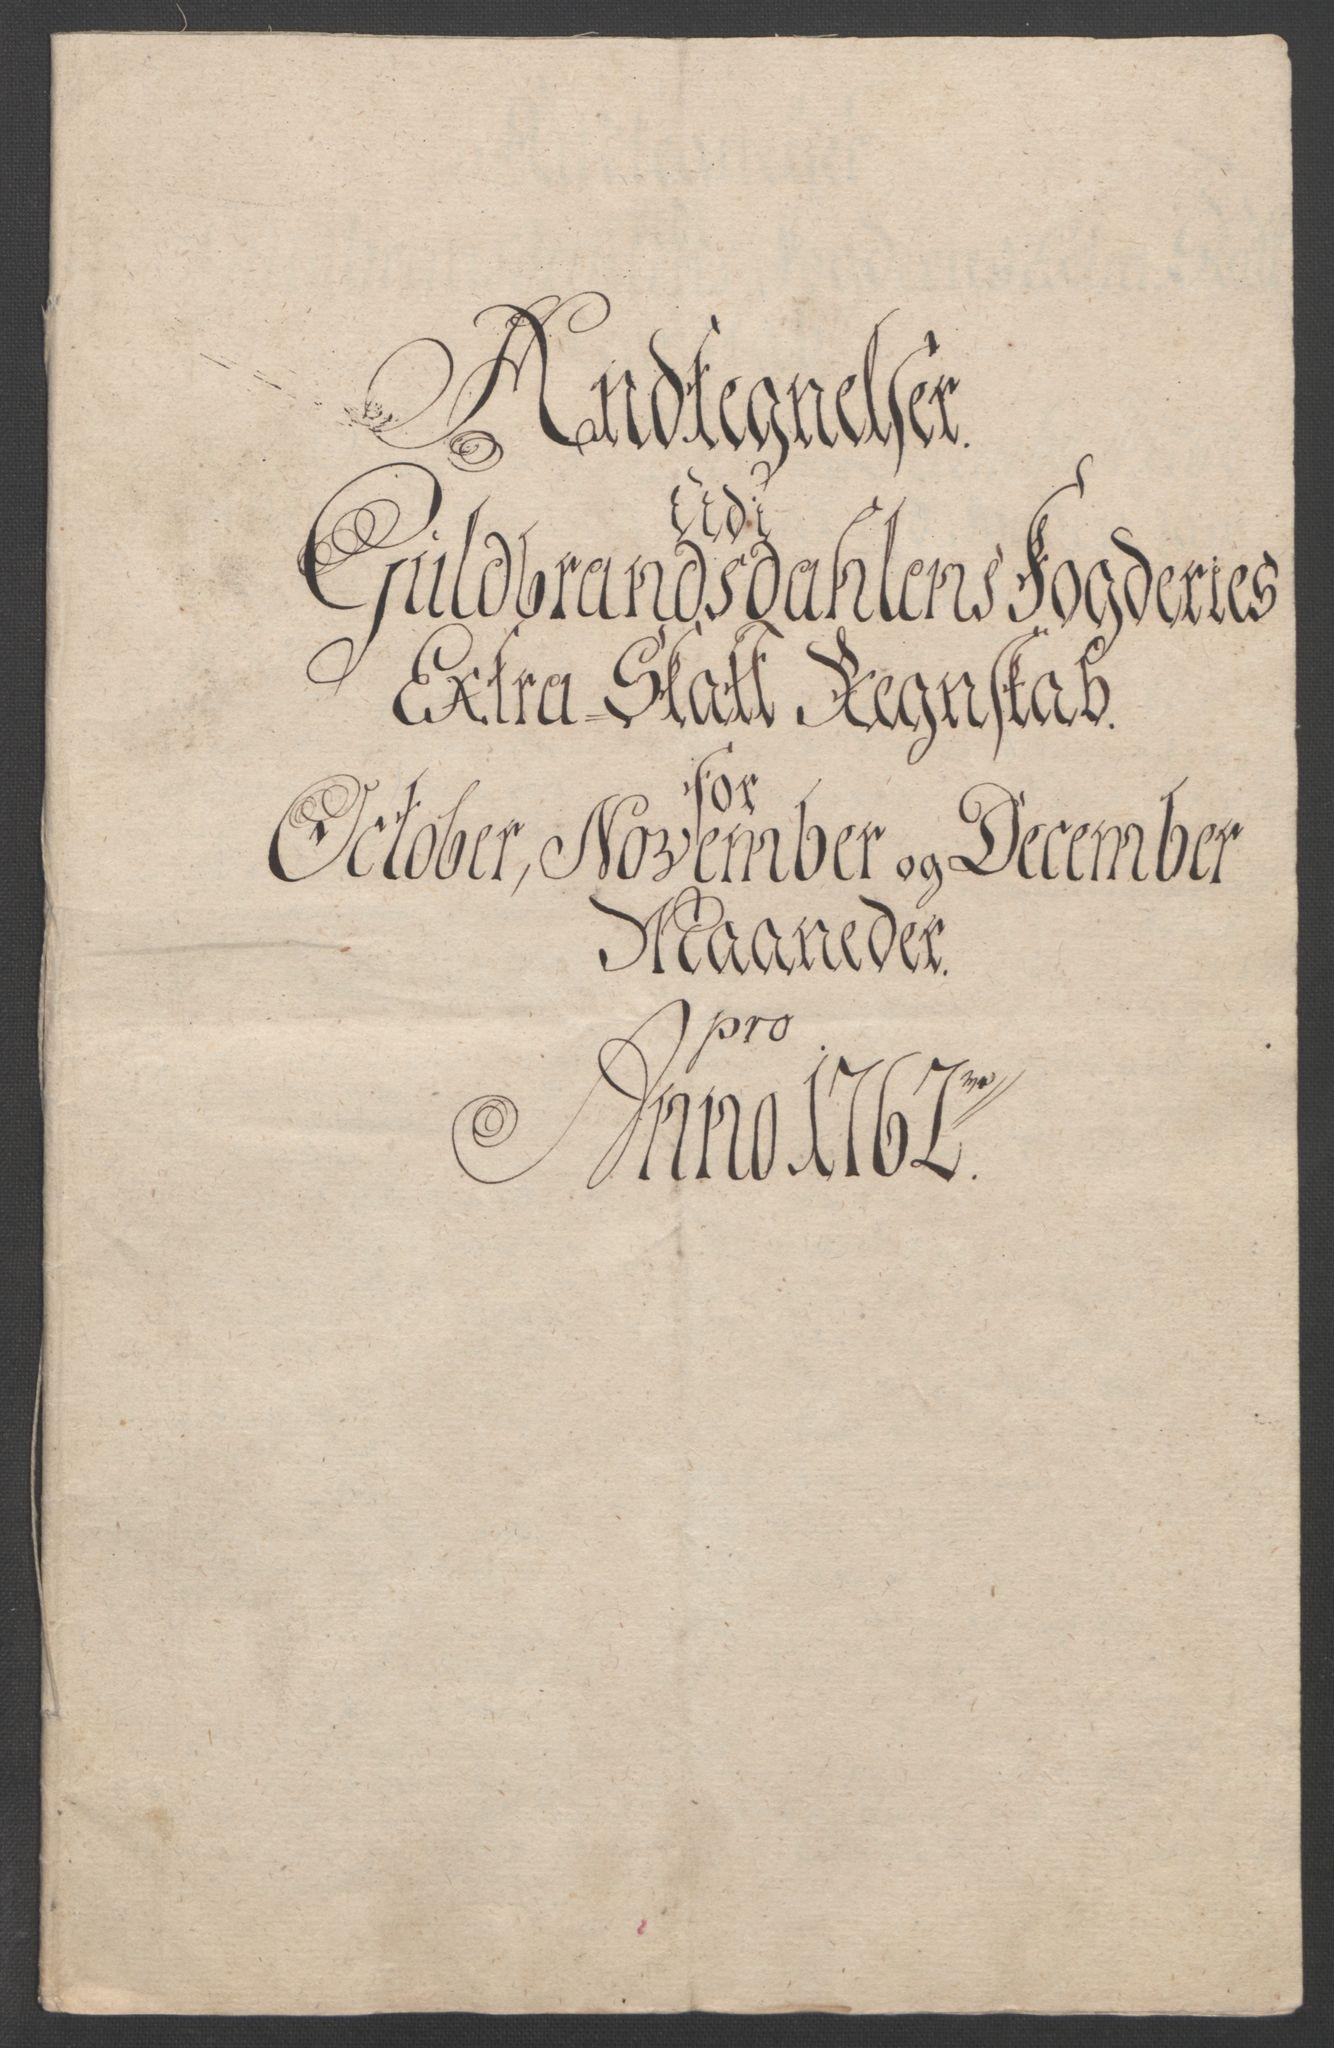 RA, Rentekammeret inntil 1814, Reviderte regnskaper, Fogderegnskap, R17/L1266: Ekstraskatten Gudbrandsdal, 1762-1766, s. 52